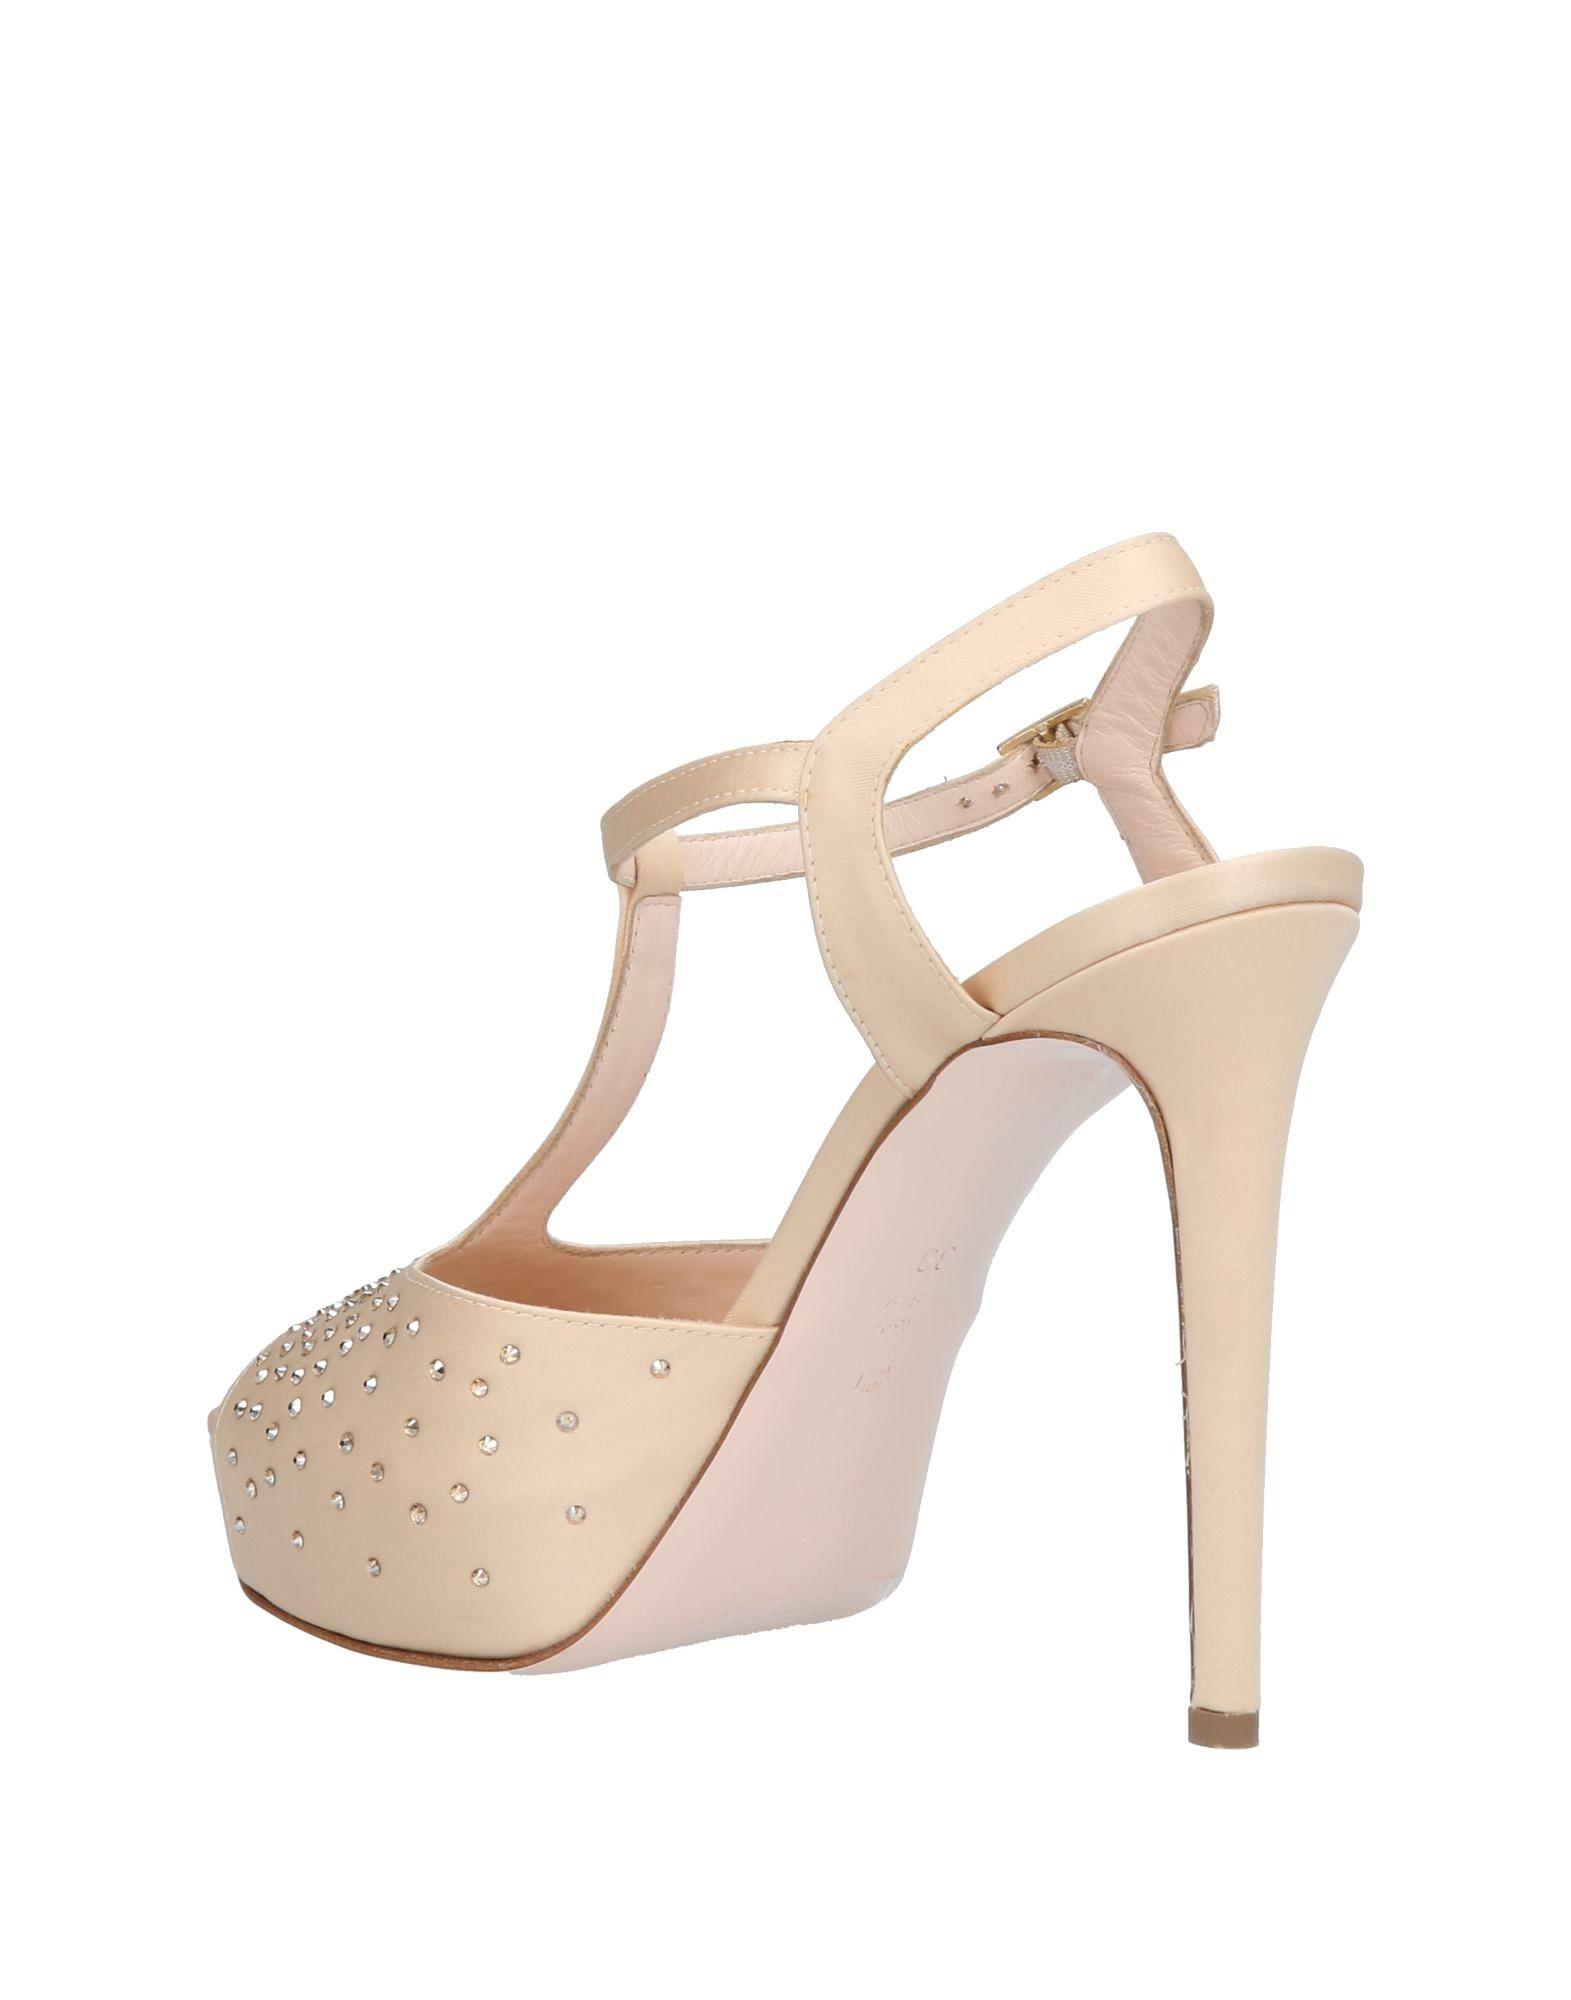 Sandales Tiffi Femme - Sandales Tiffi sur